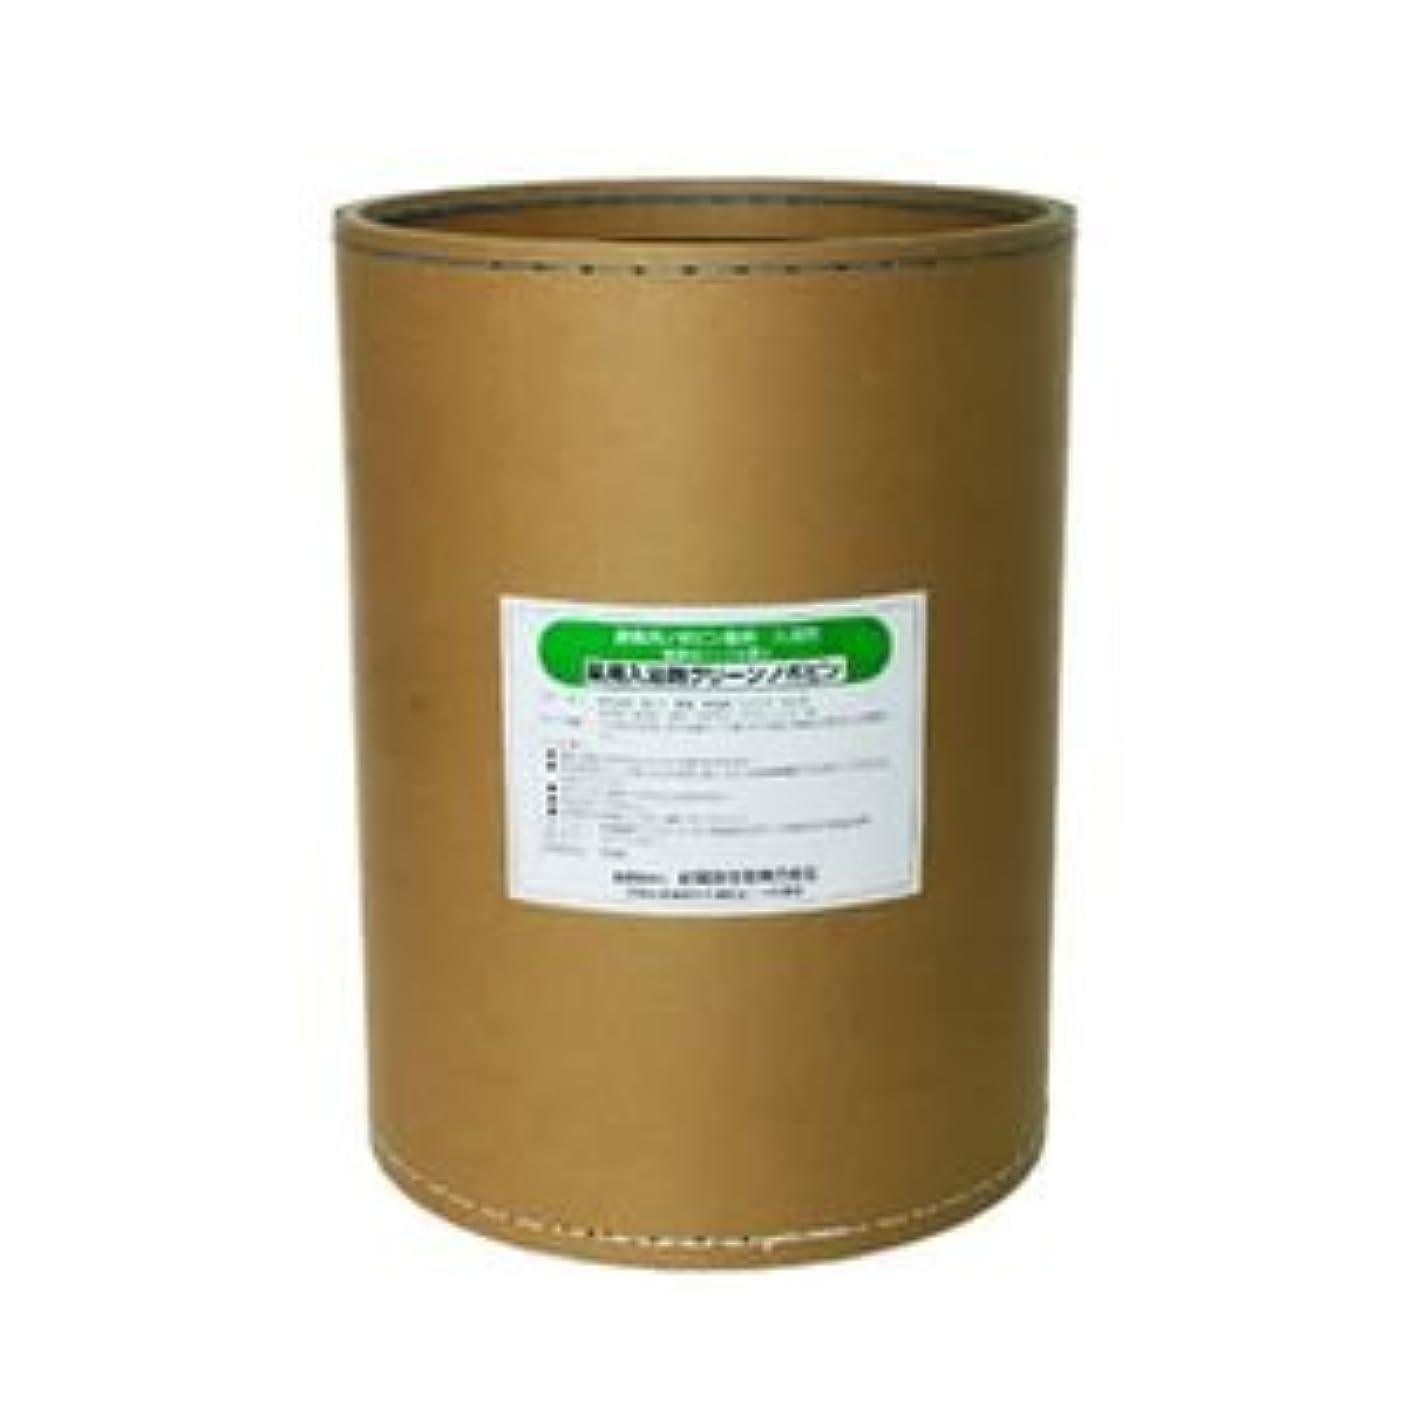 交じるキャンセル熱狂的な業務用入浴剤 グリーンノボピン 18kg